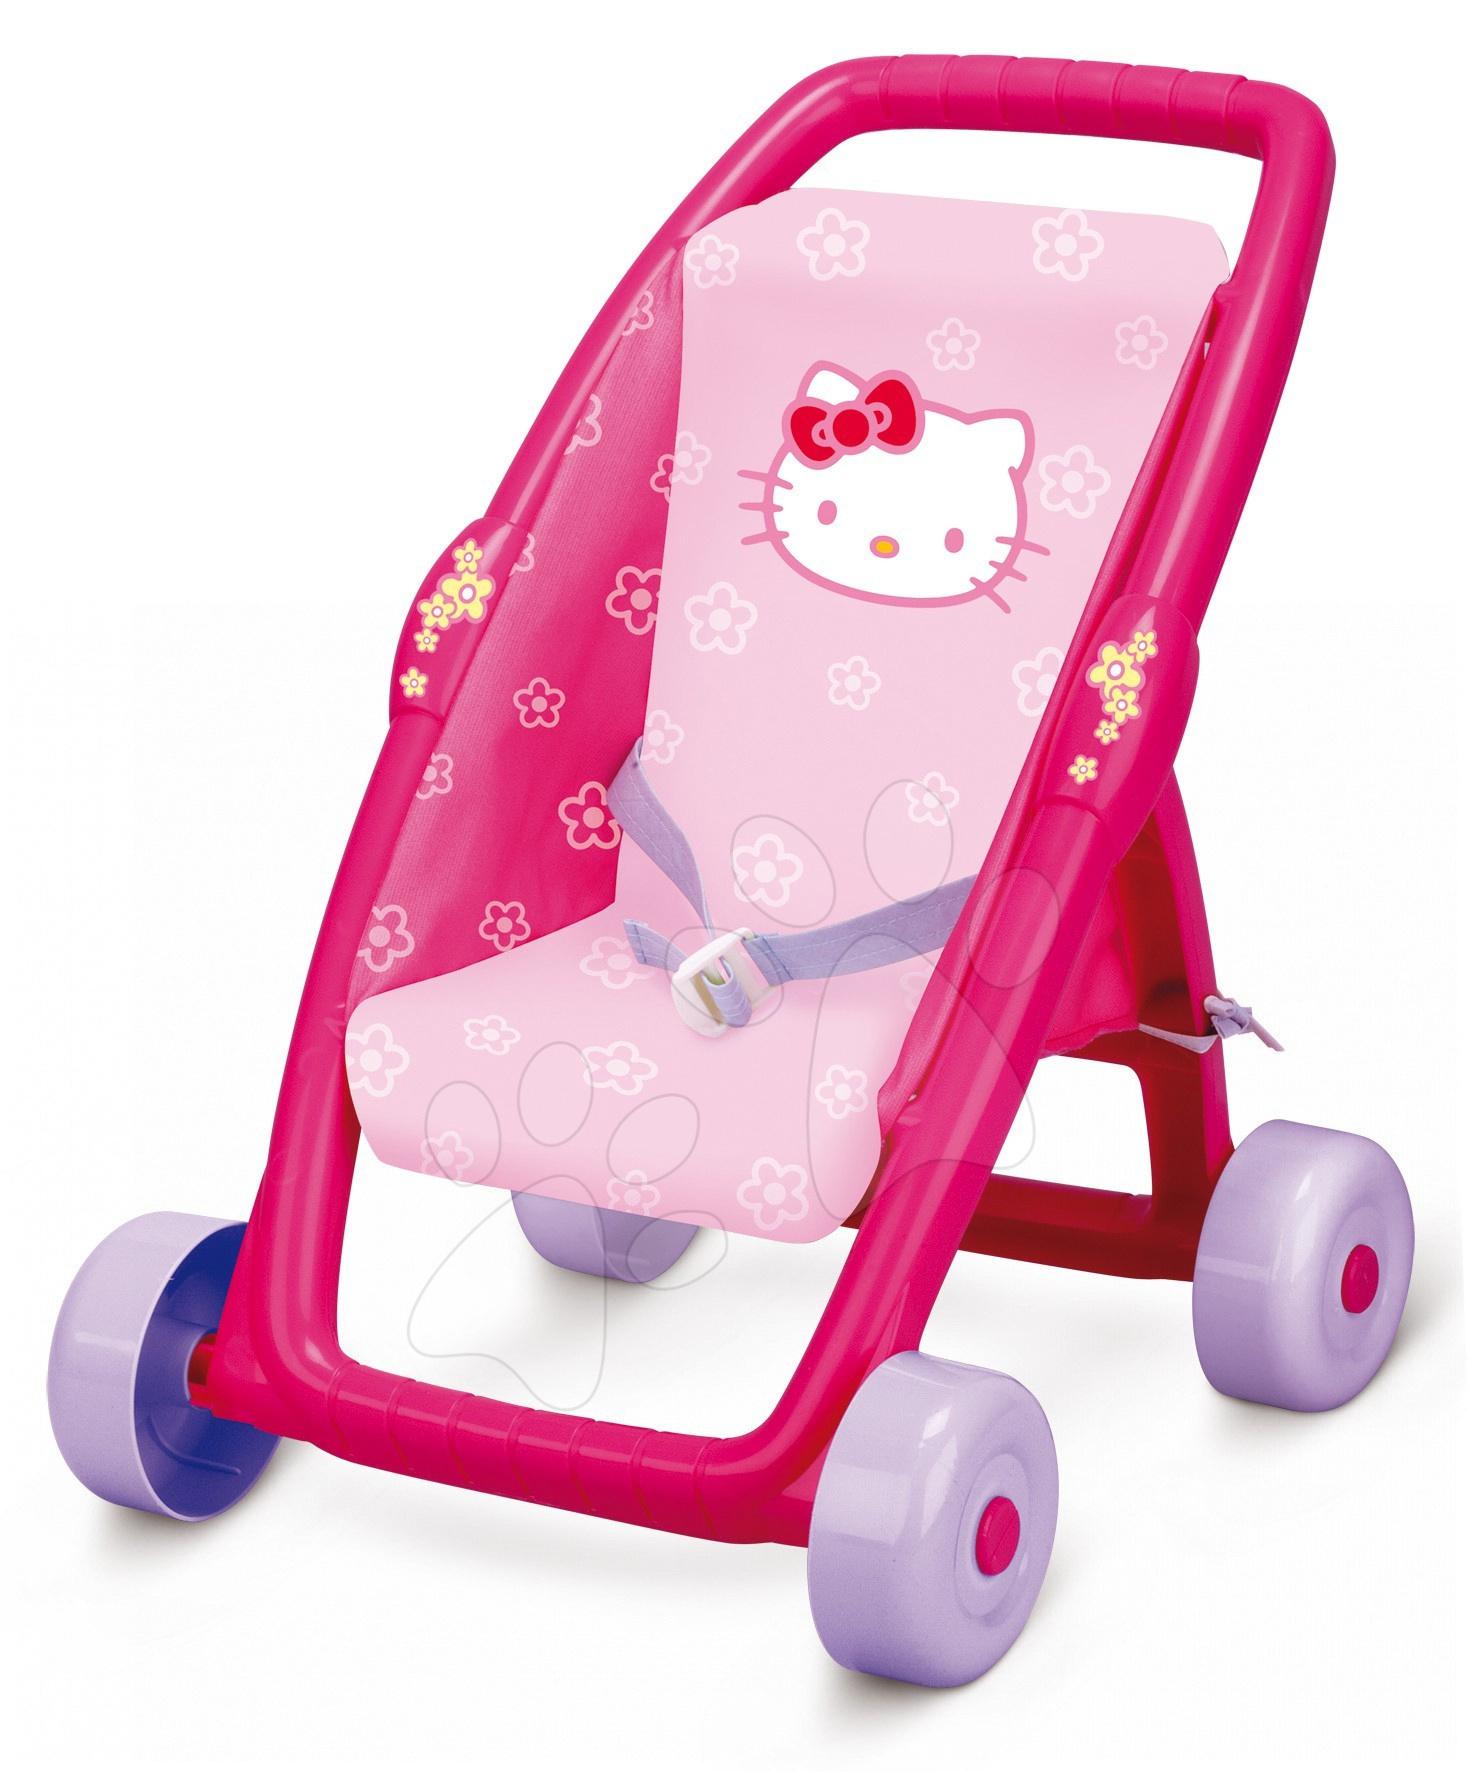 Régi termékek - Babakocsi Hello Kitty Ma premier buggy Smoby 49 cm-es fogantyú magassággal